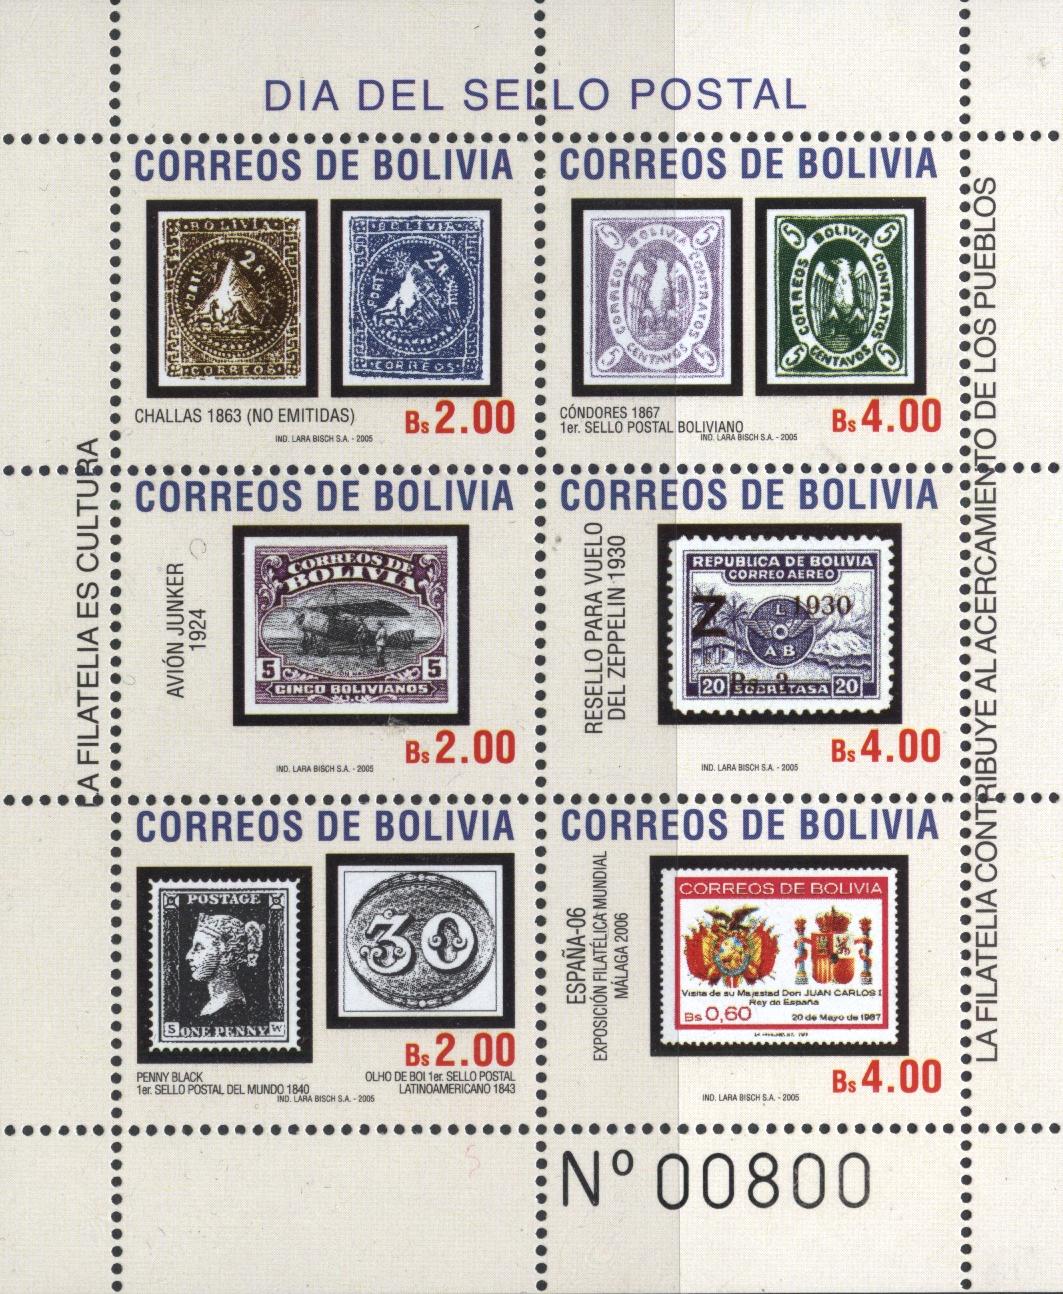 Sellos de Bolivia  Día del Sello Postal 32808ecd88ea